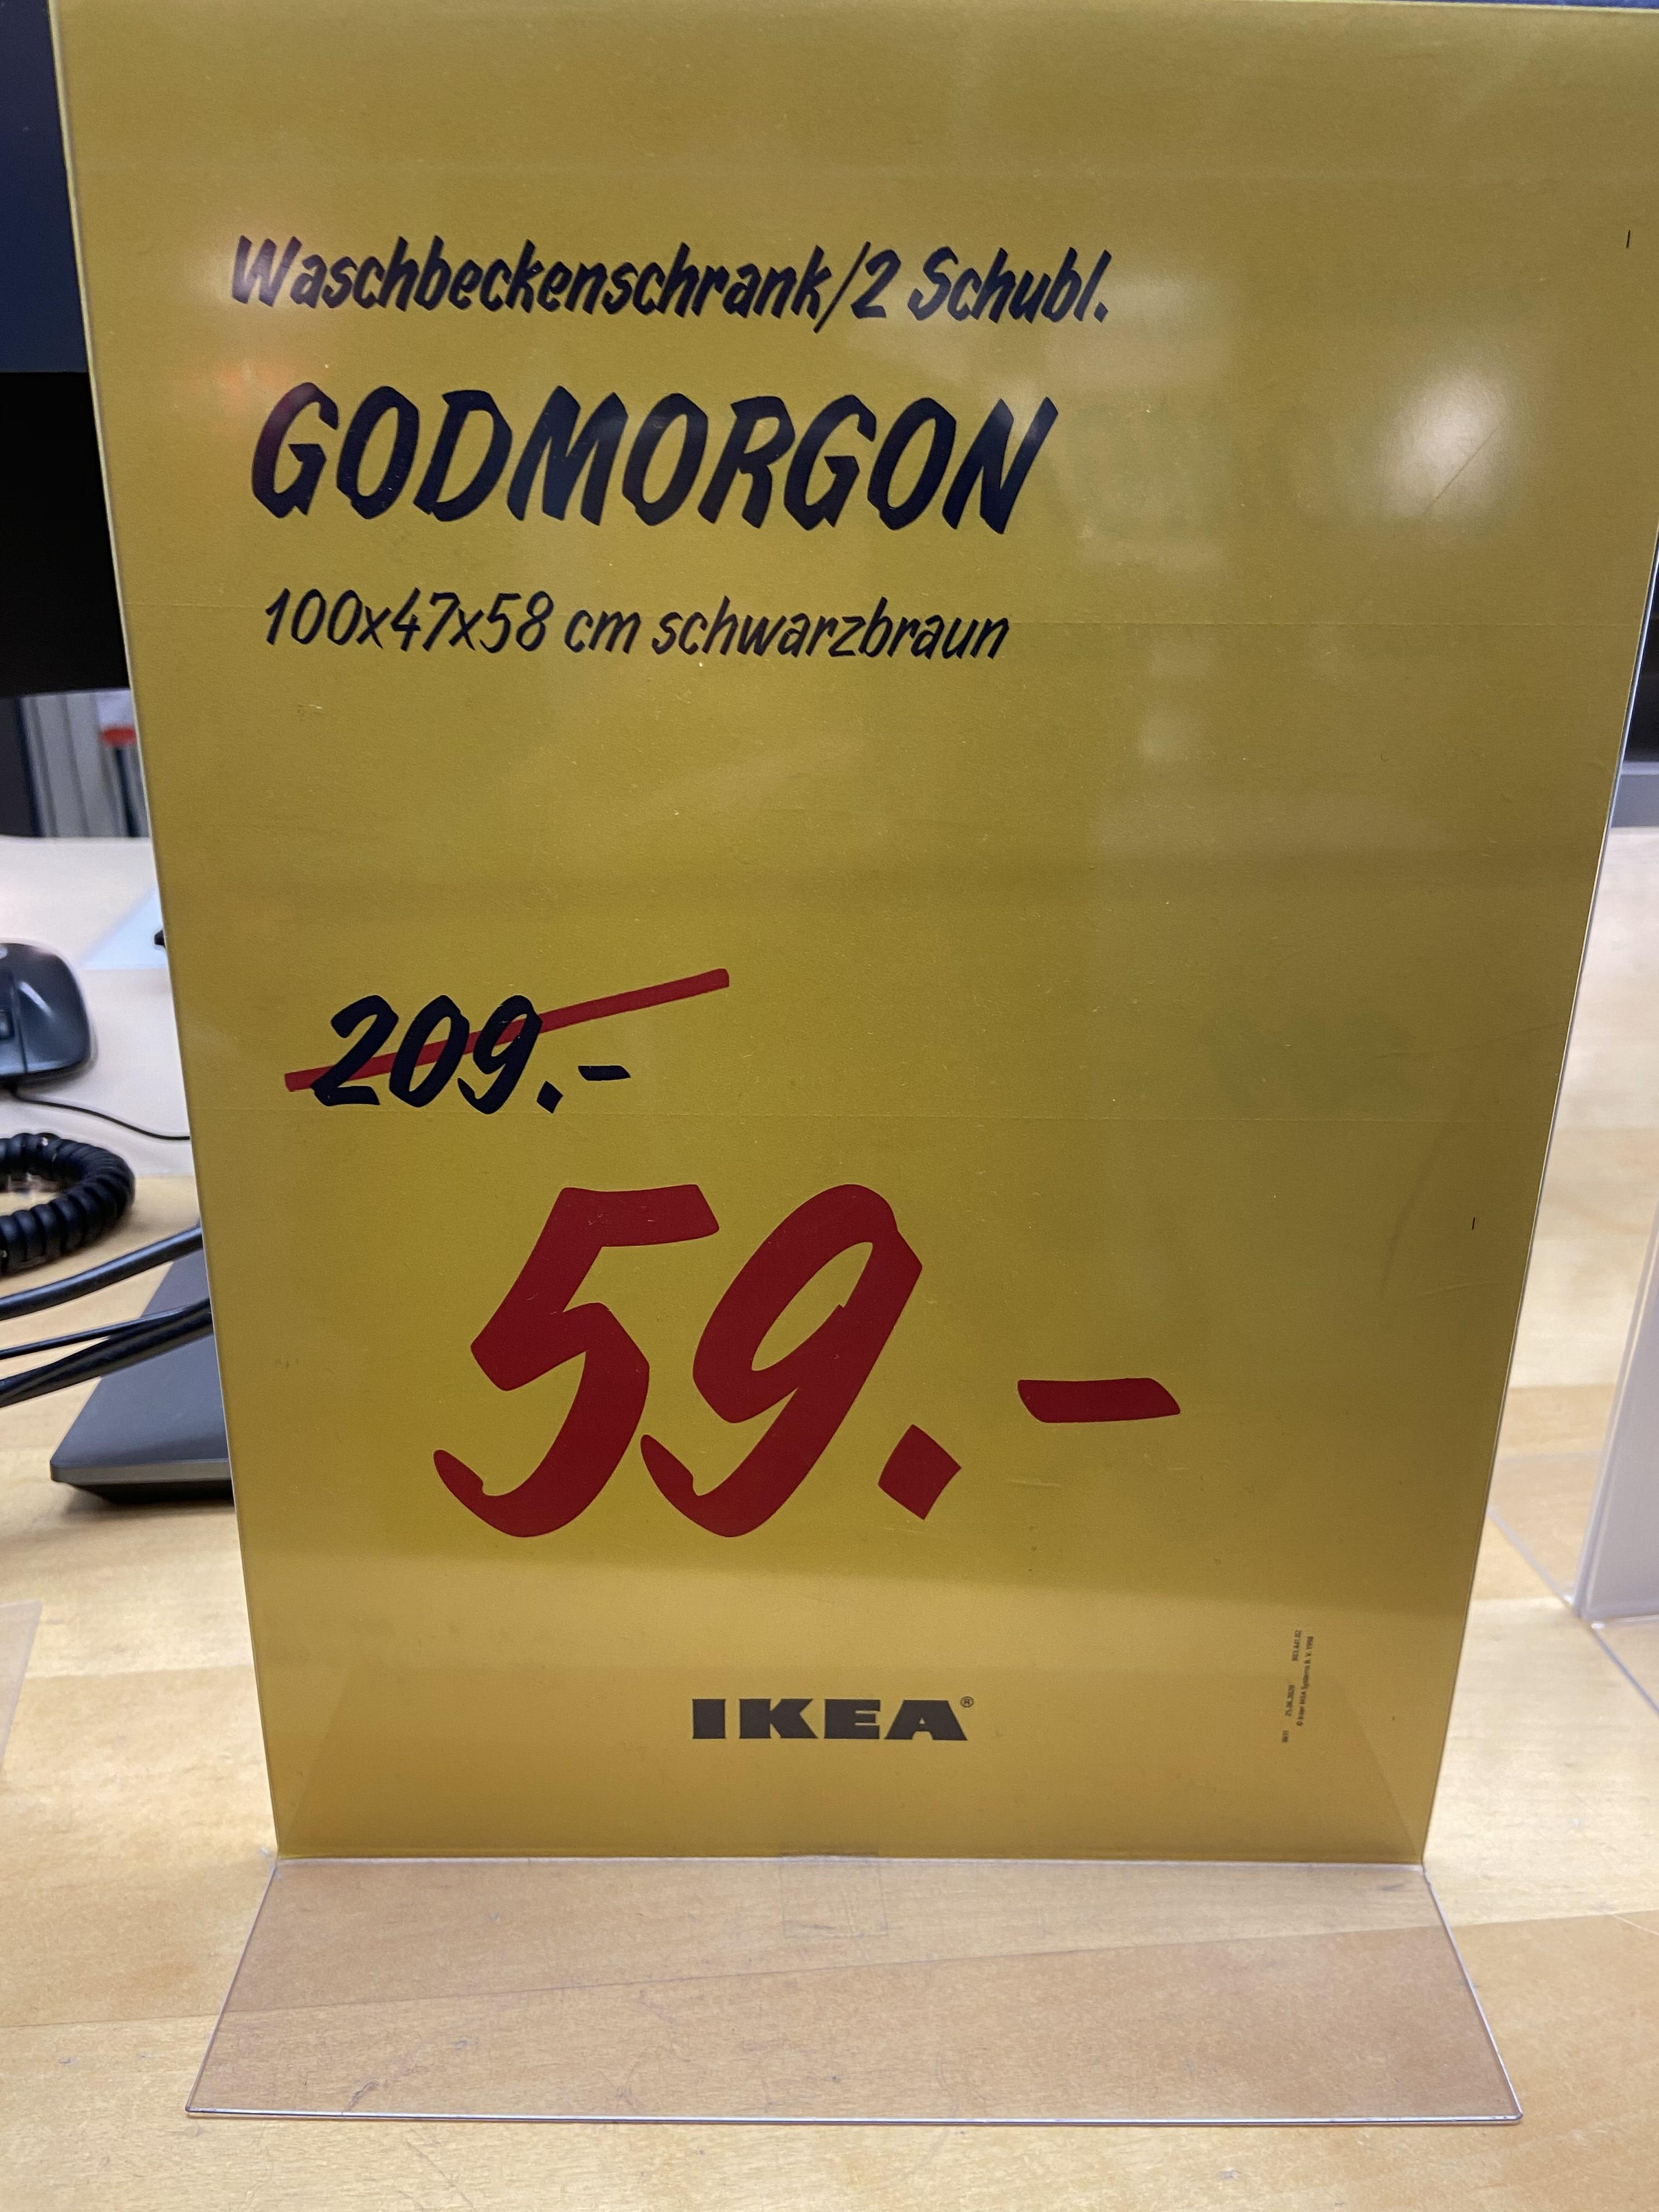 Ikea Lokal Dortmund Godmorgon Waschbeckenschrank schwarz braun